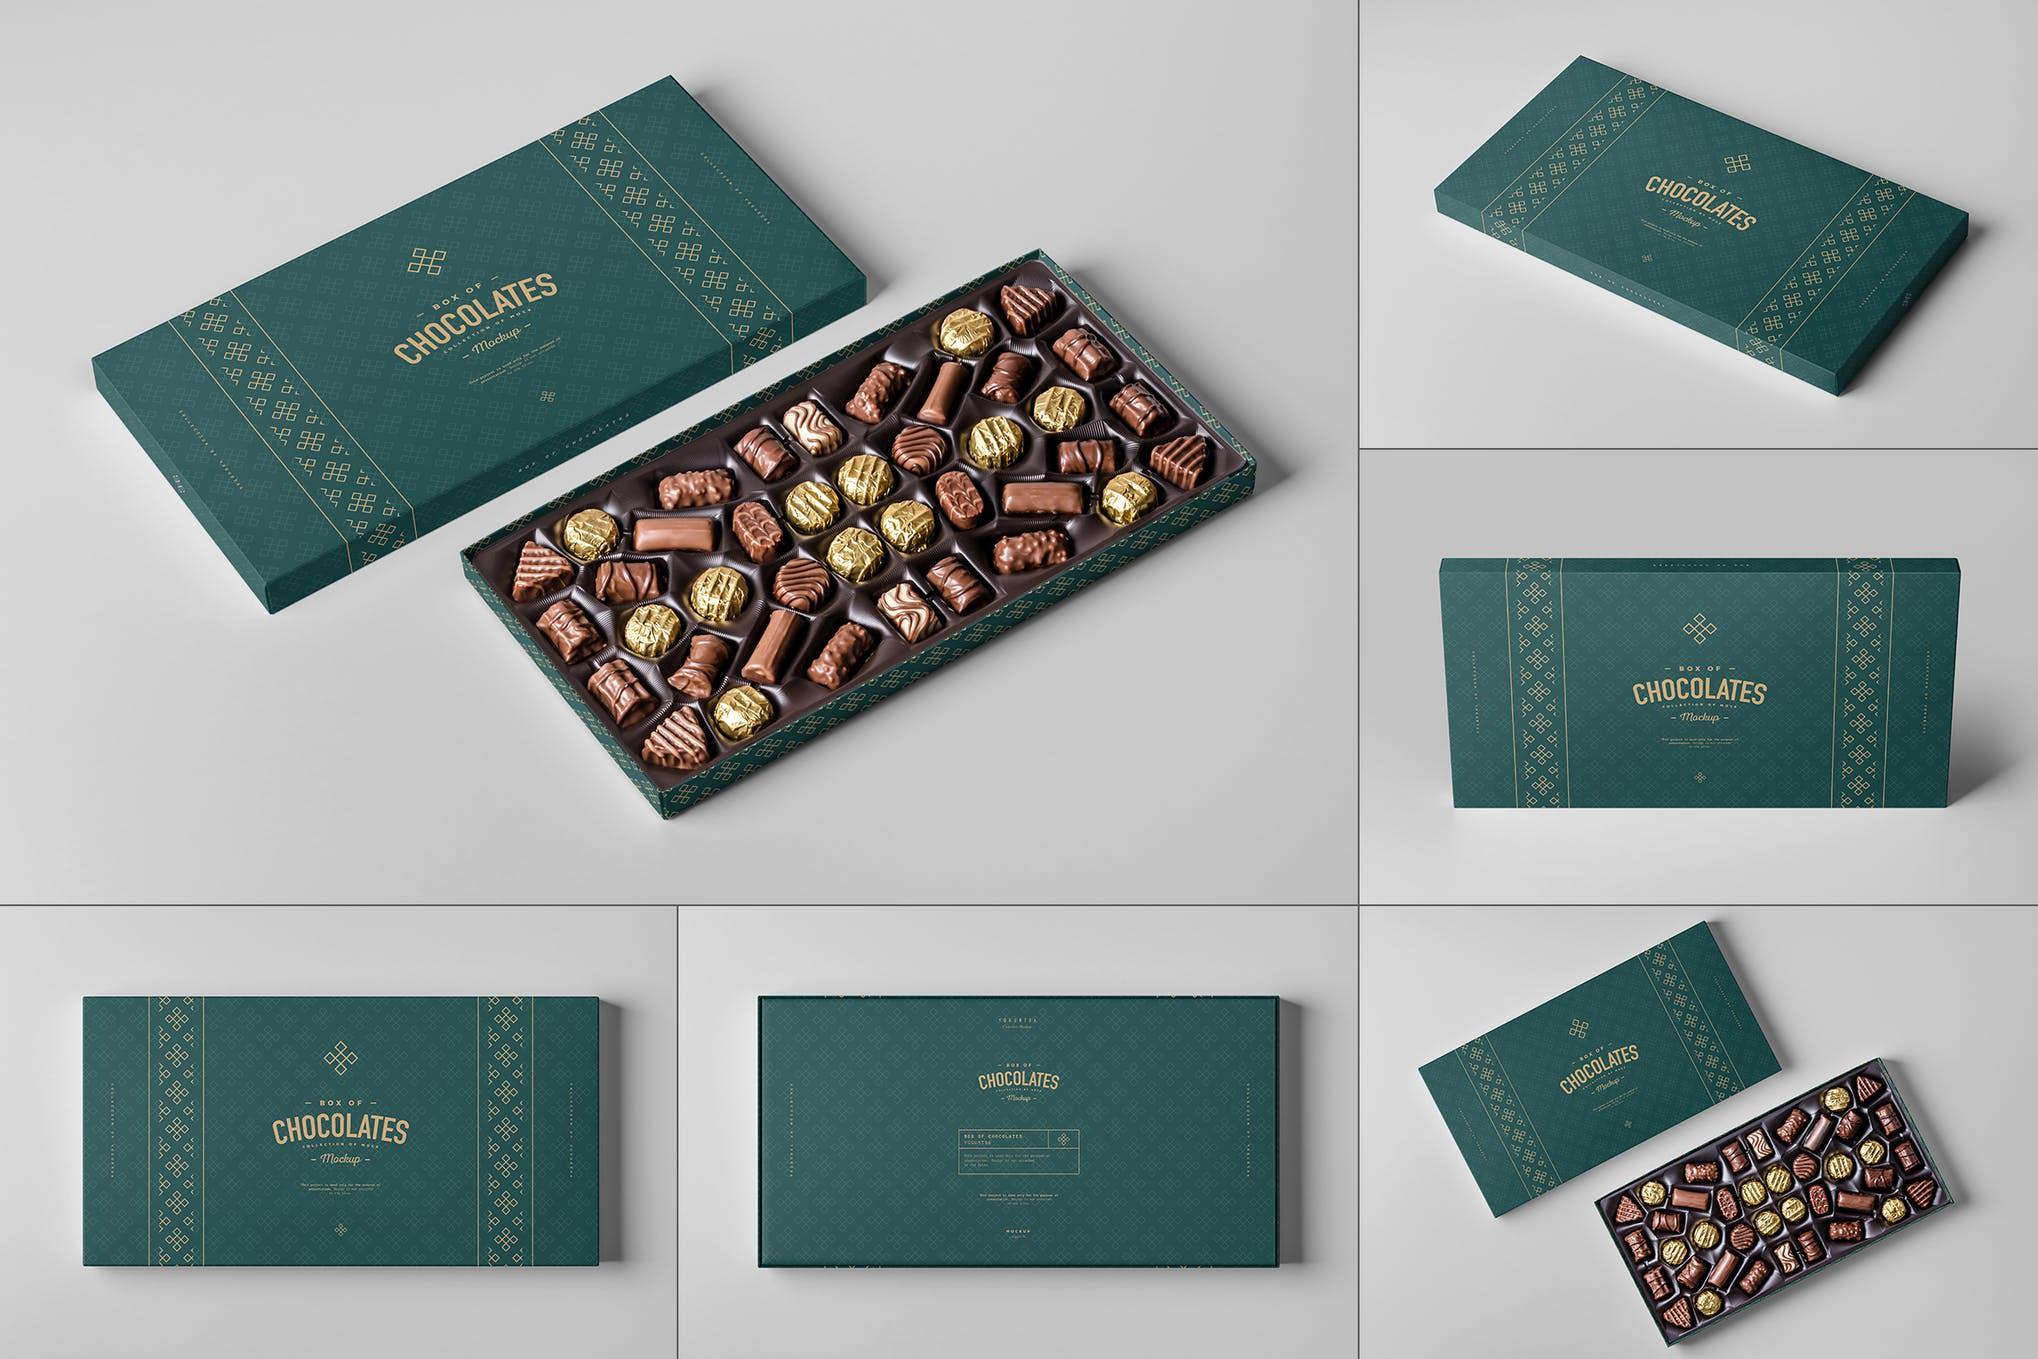 巧克力礼盒包装样机效果图插图(1)